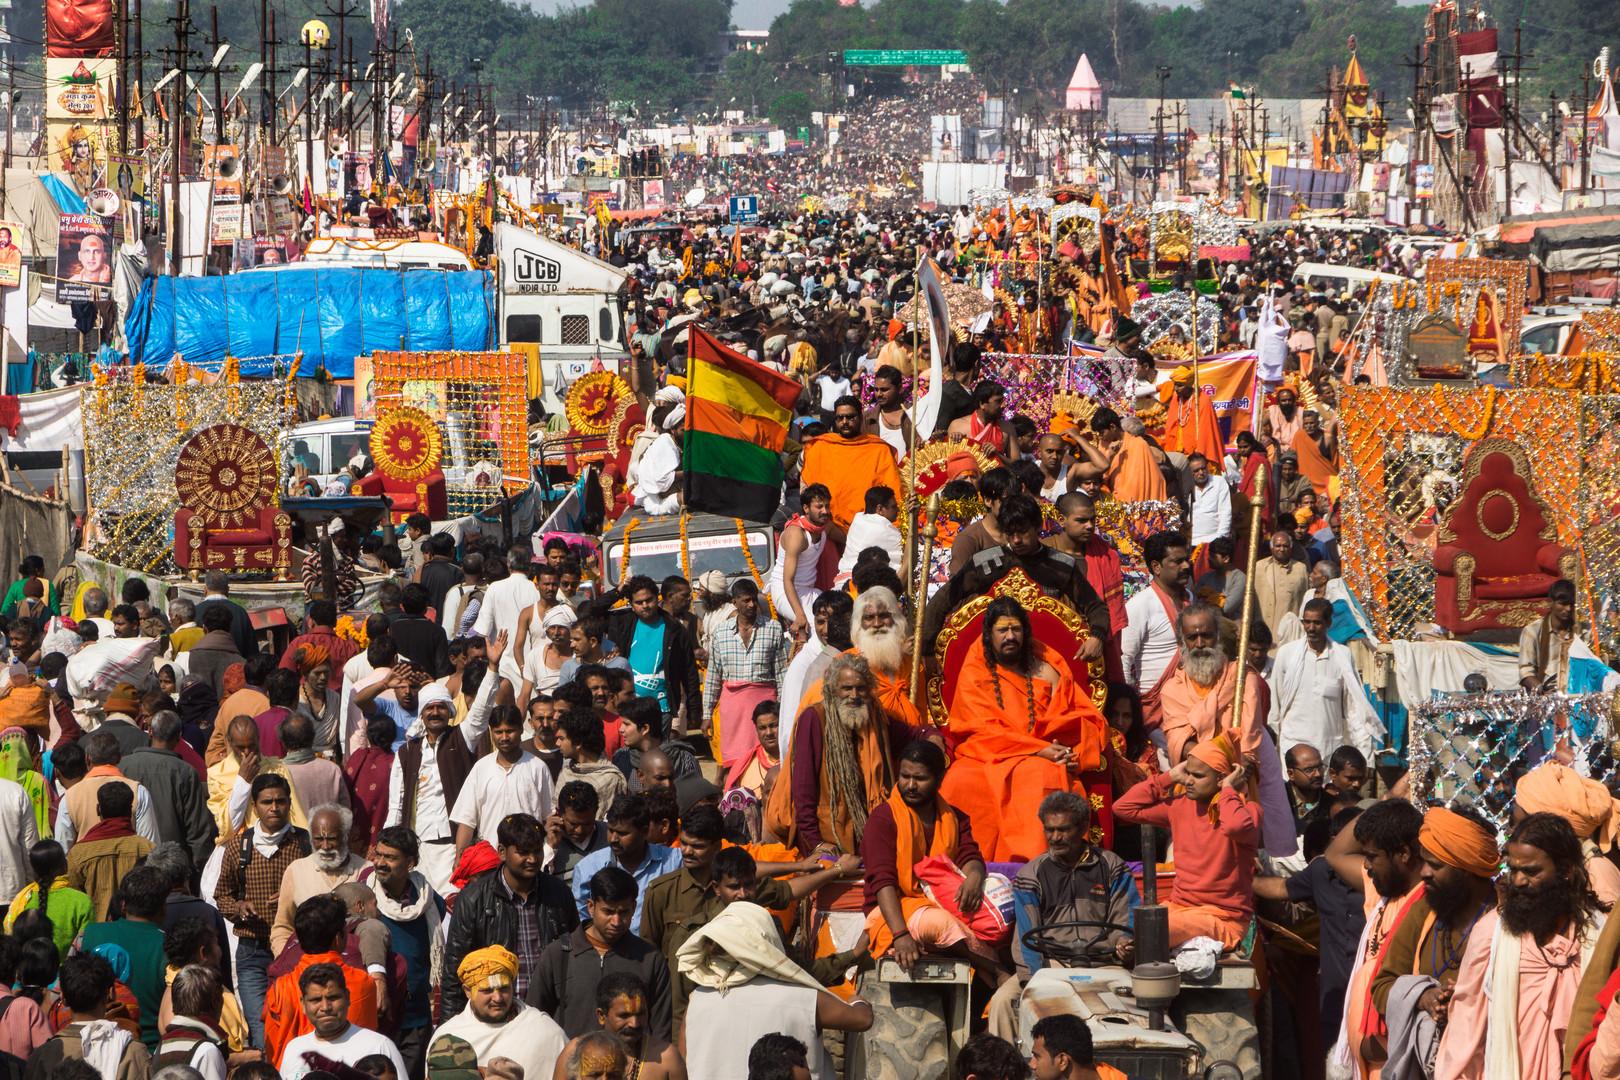 Prozession der Saddhuorden auf der Kumbh Mela 2013